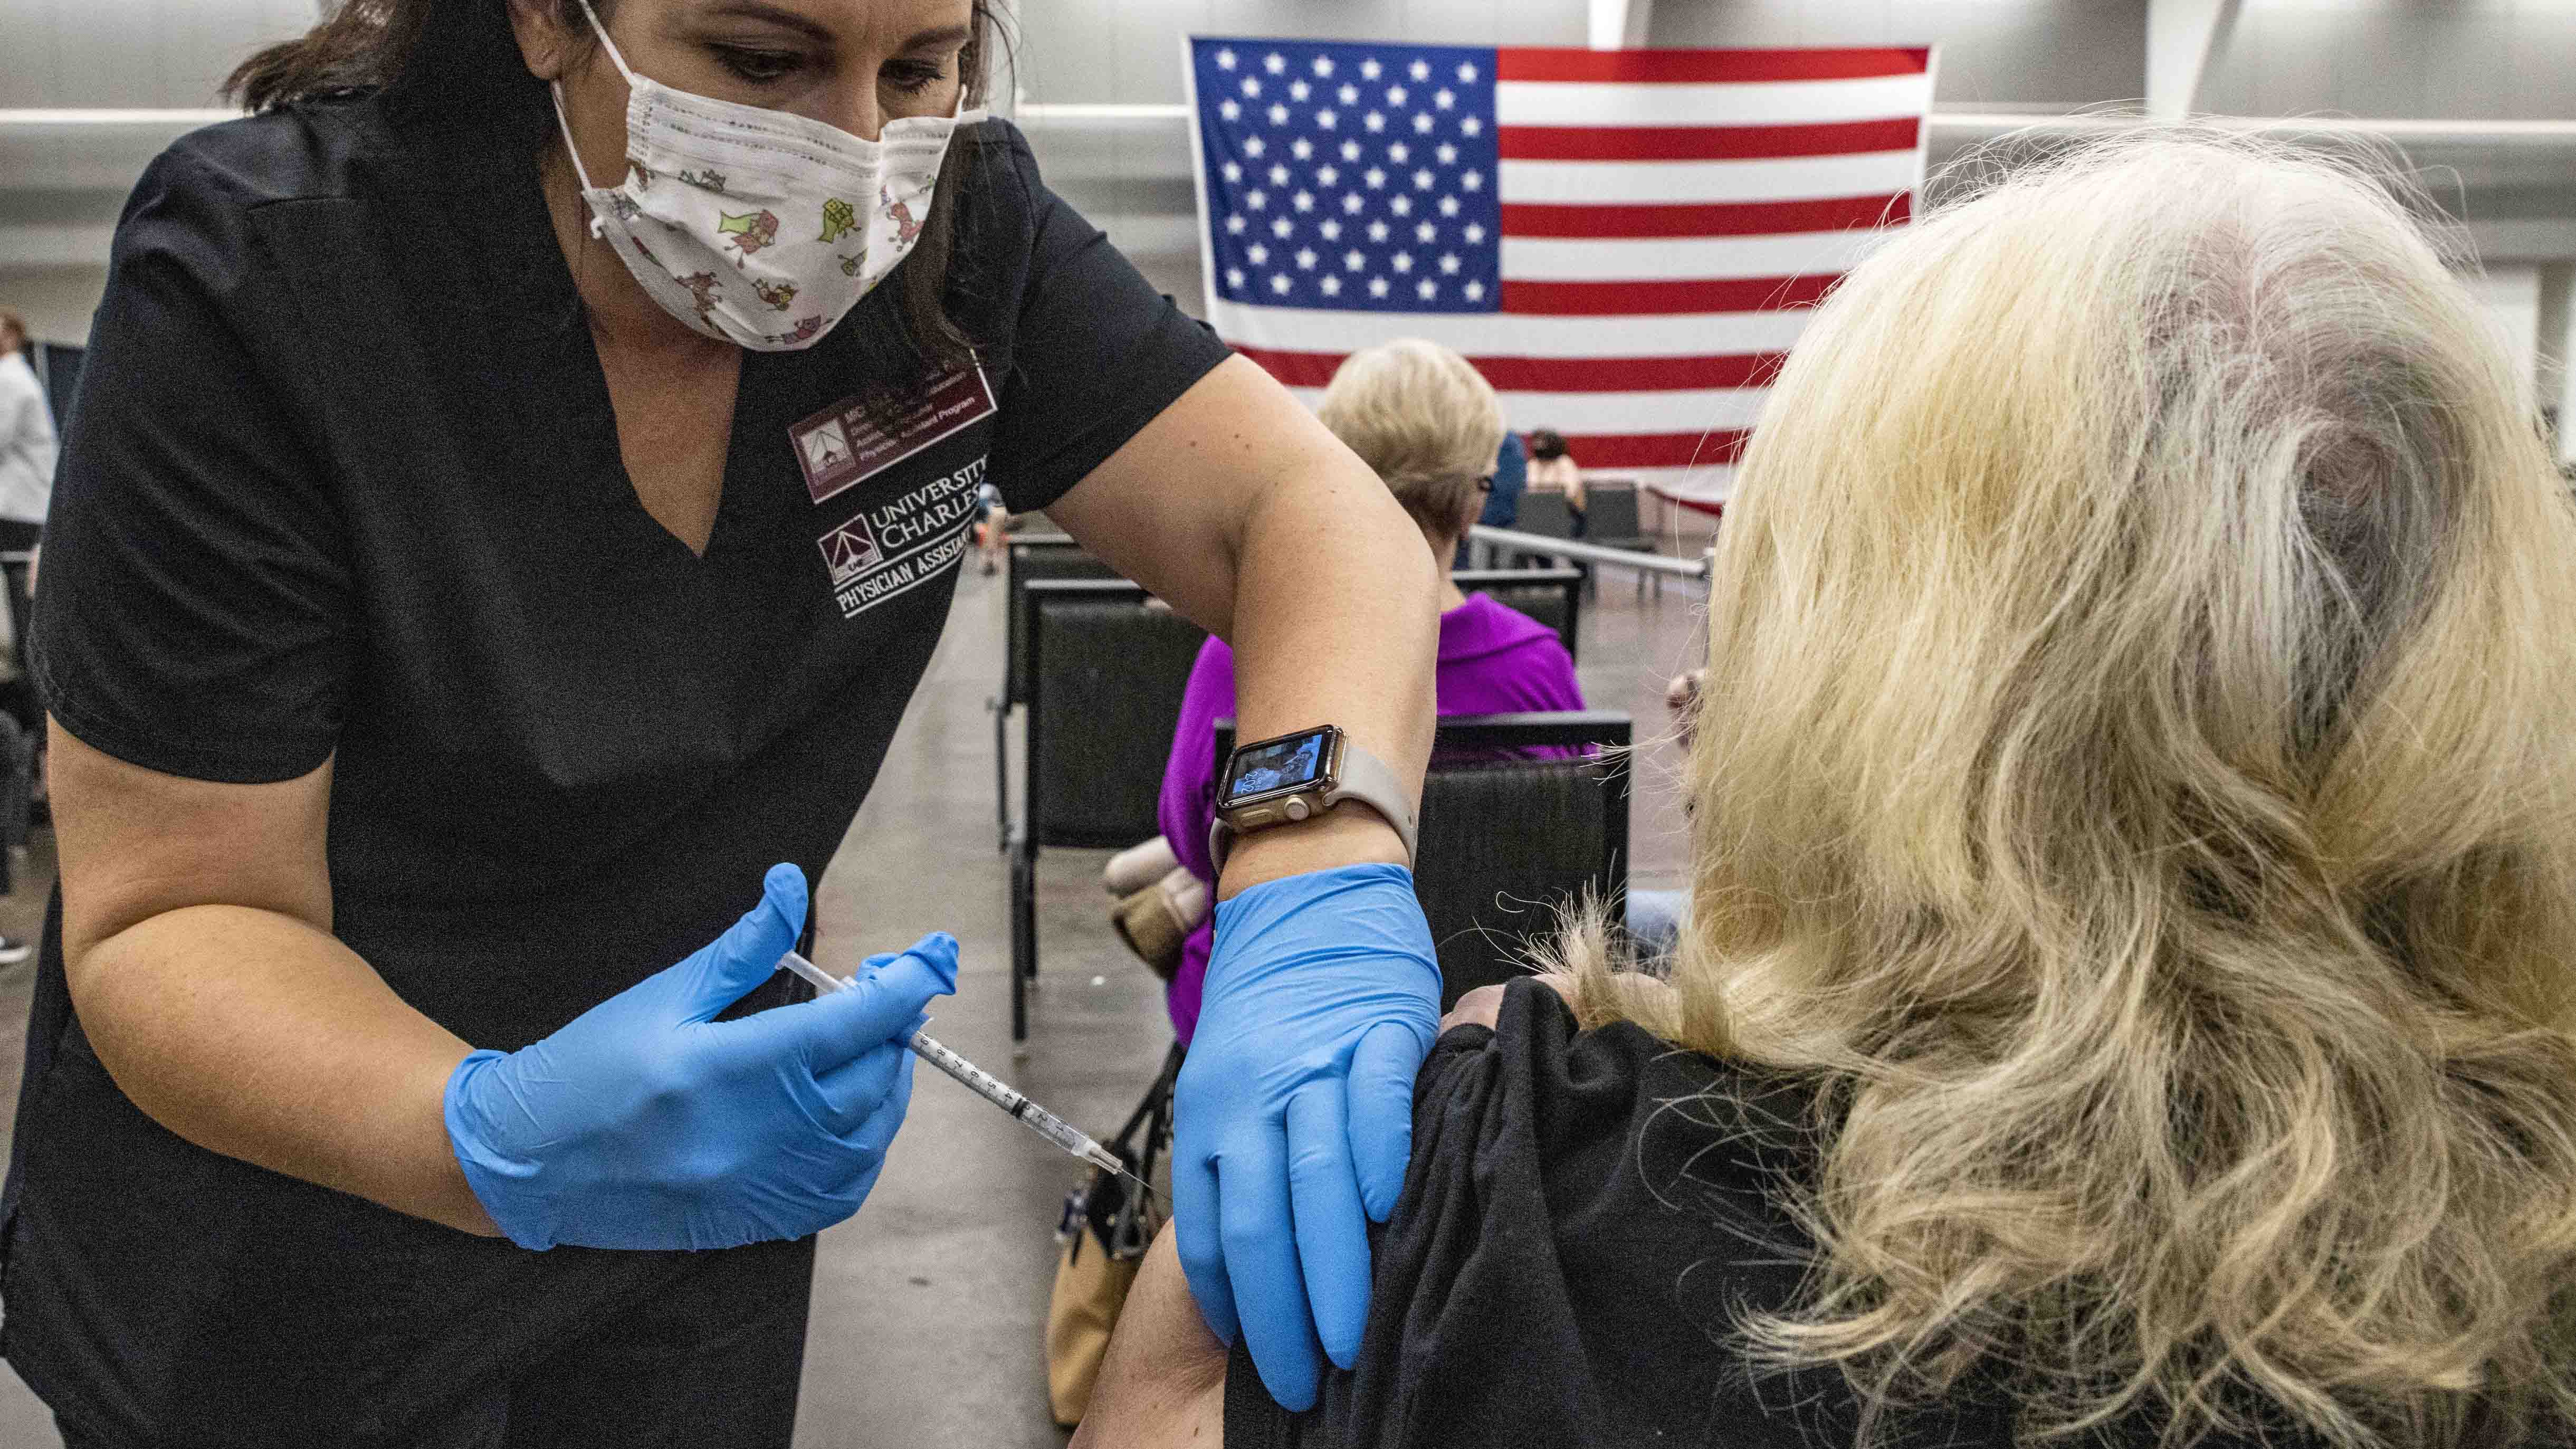 Muere por COVID-19 una mujer que ya habia completado el proceso de vacunacion